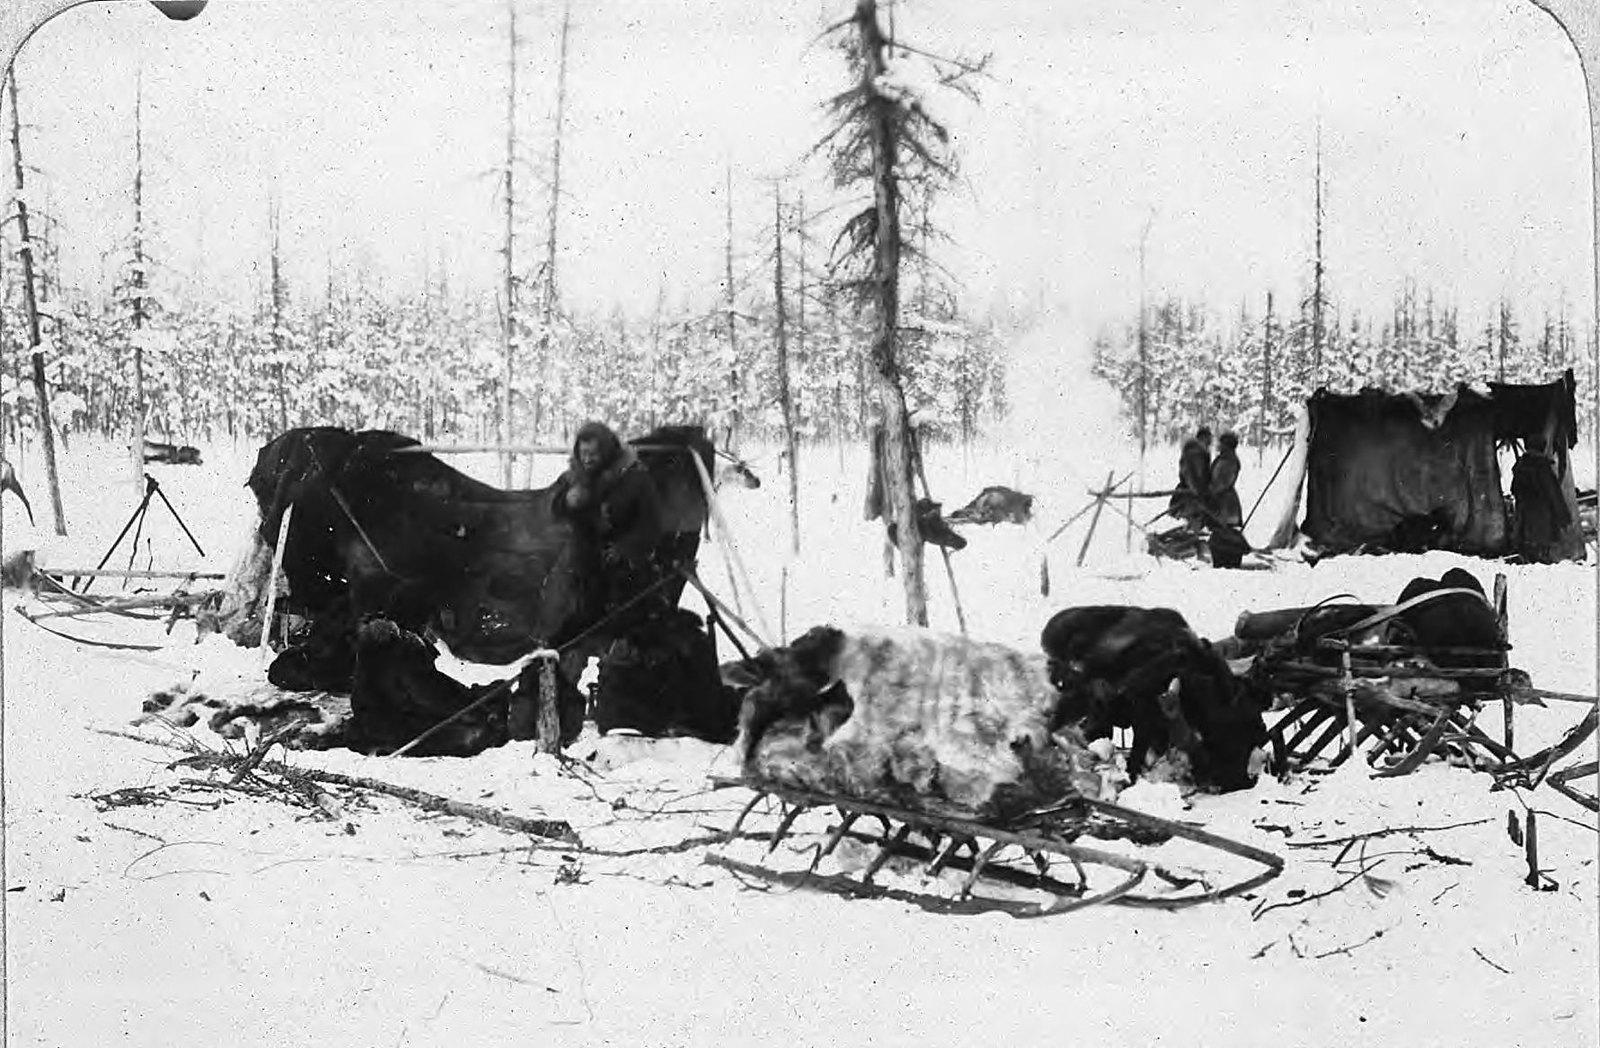 Палатка и оленья упряжь в лесу зимой